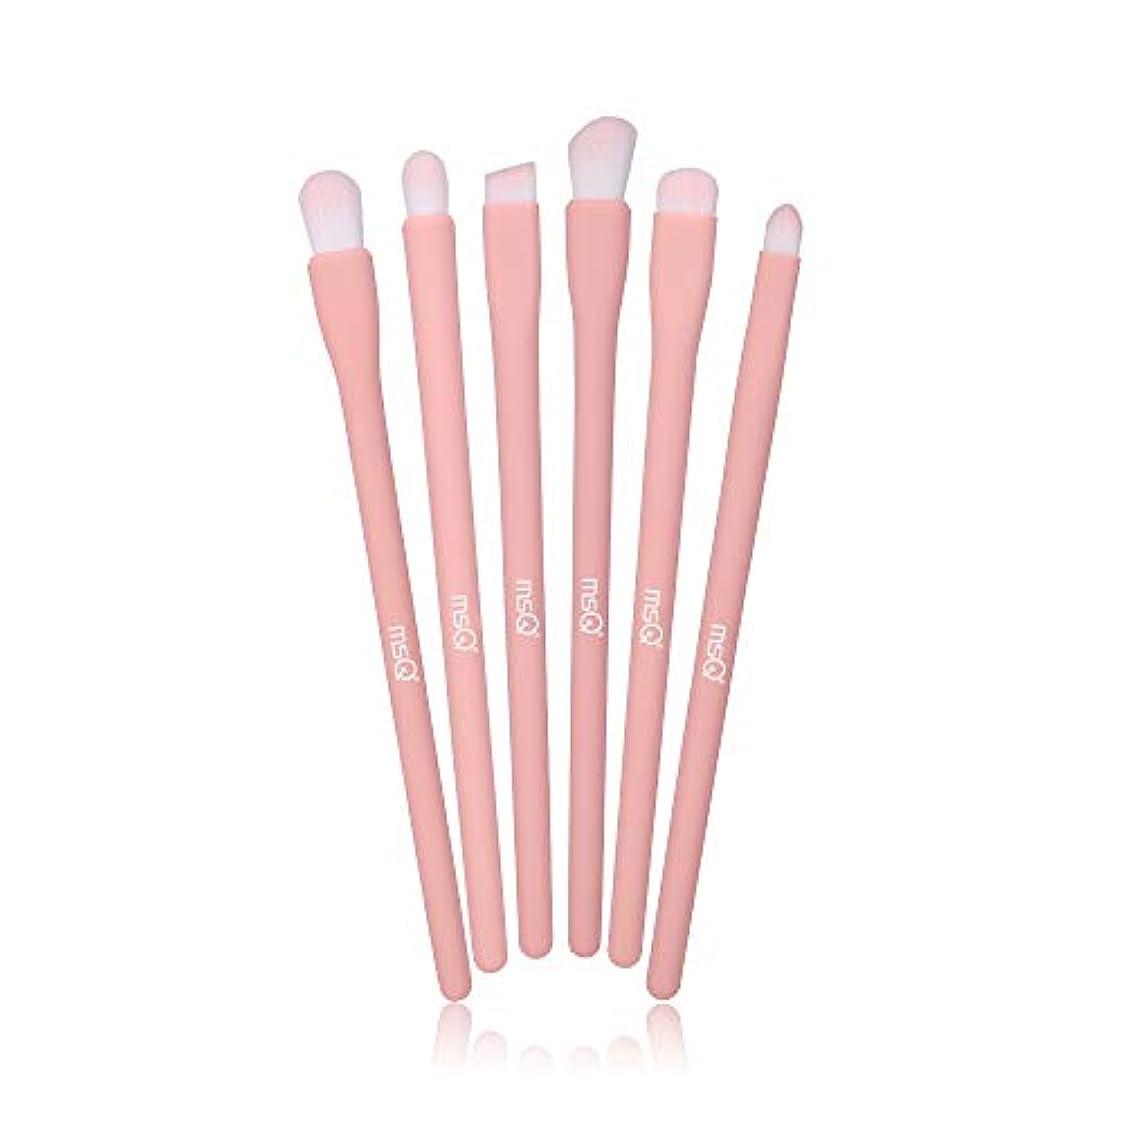 無傷エキススクラップブックMSQ アイシャドウブラシ 6本セット メイクブラシ 化粧ブラシセット イクブラシセット 人気